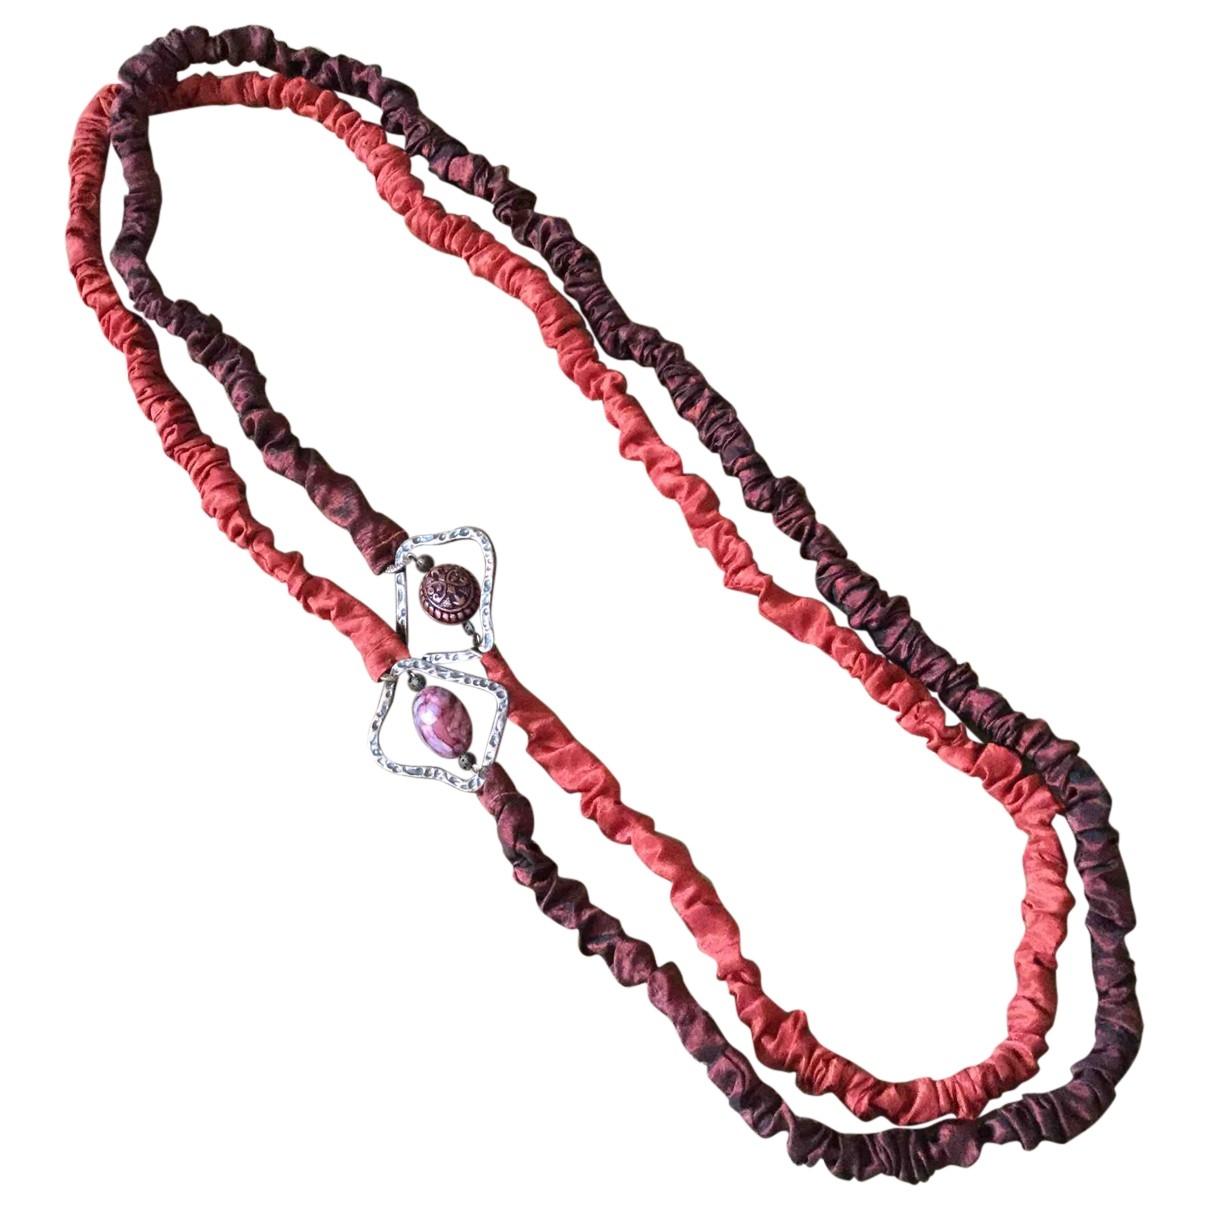 - Sautoir Motifs Ethniques pour femme en soie - rouge